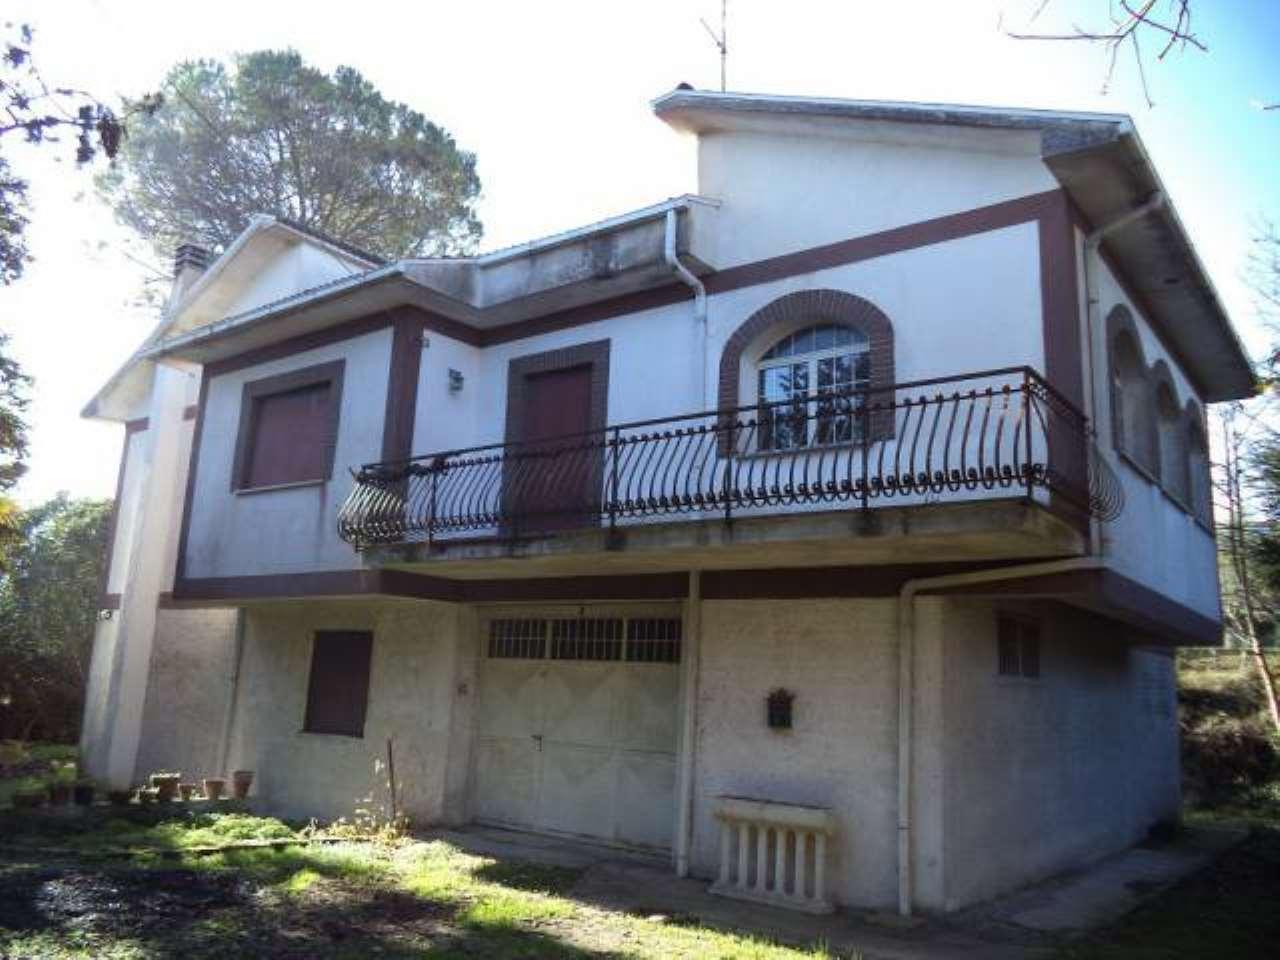 Villa in vendita a Arce, 6 locali, prezzo € 115.000 | CambioCasa.it